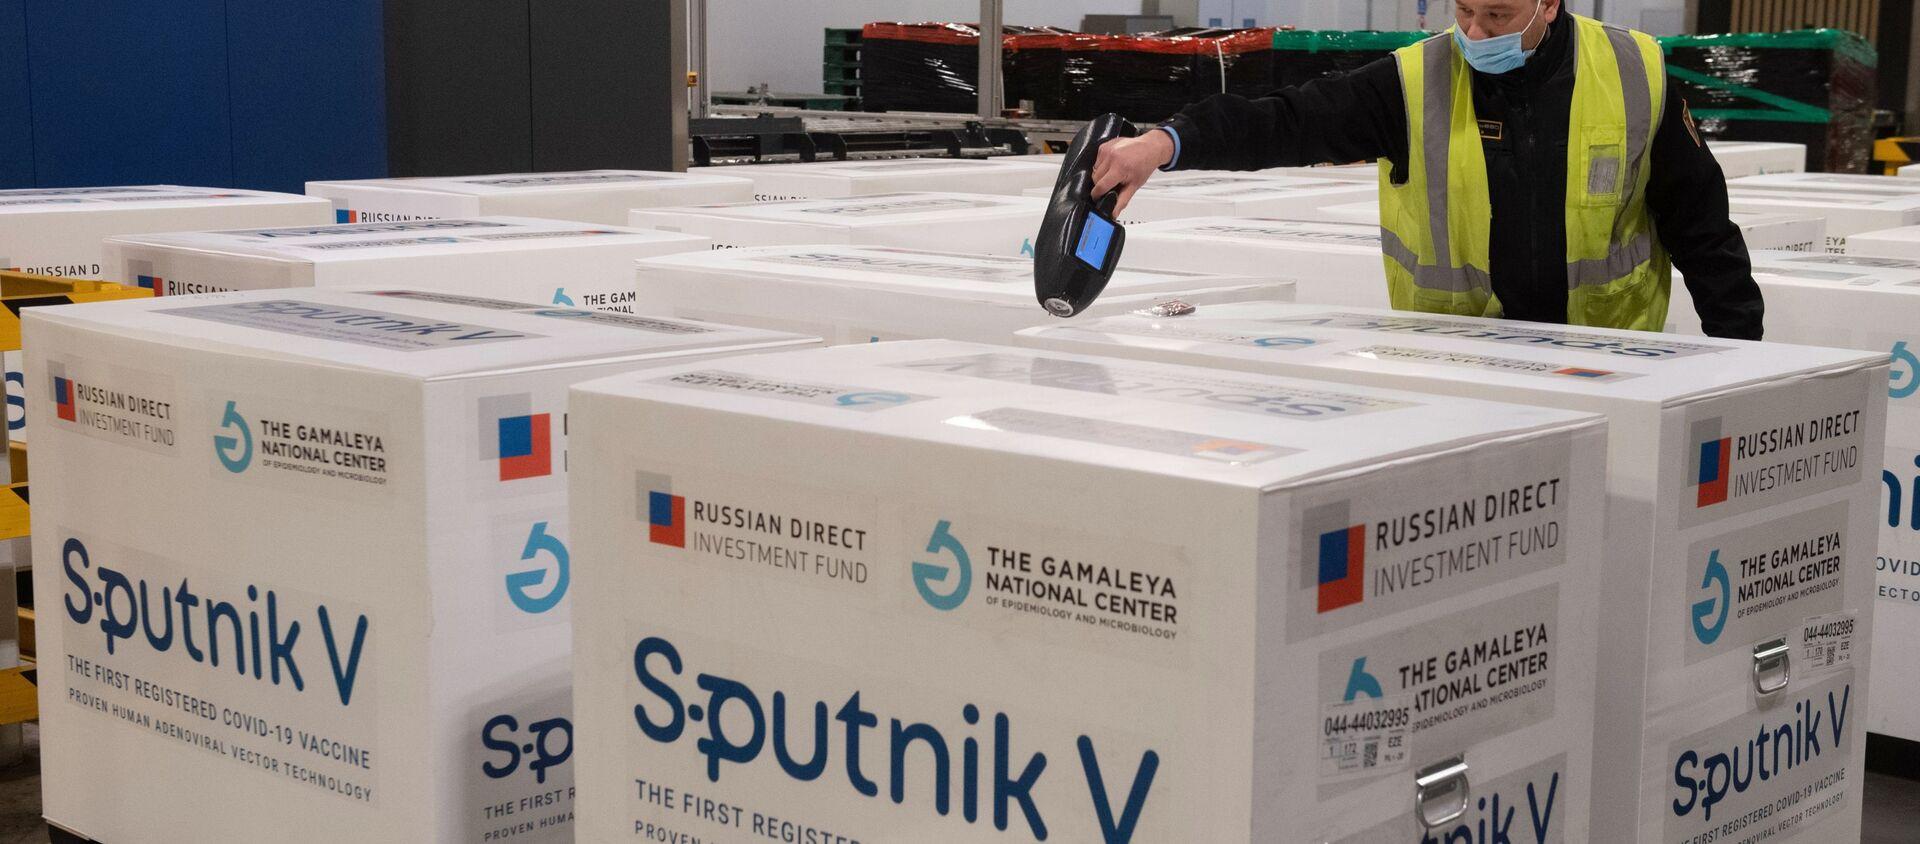 Dostawa szczepionki Sputnik V do terminalu Moscow Cargo na lotnisku Szeremietiewo. - Sputnik Polska, 1920, 01.05.2021